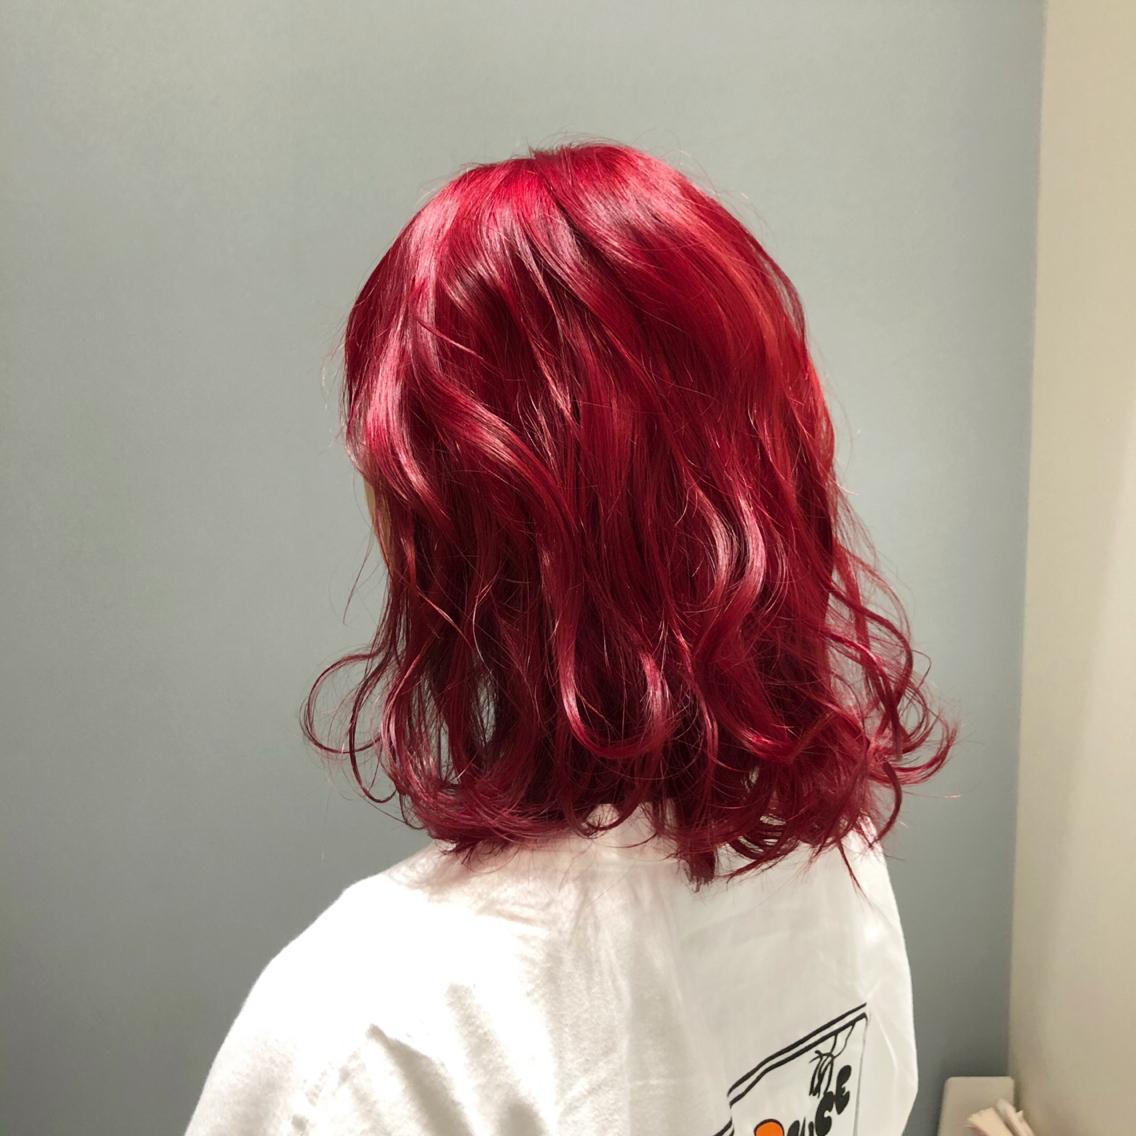 #ショート #カラー #ヘアアレンジ #その他   🍒 Cherry red 🍒   黒髪からブリーチ1回で艶のある明るい赤系に☺️   イルミナカラーでカラーする事で手触りもよく艶もでて しっかりお色味も入るので是非オススメです🥰